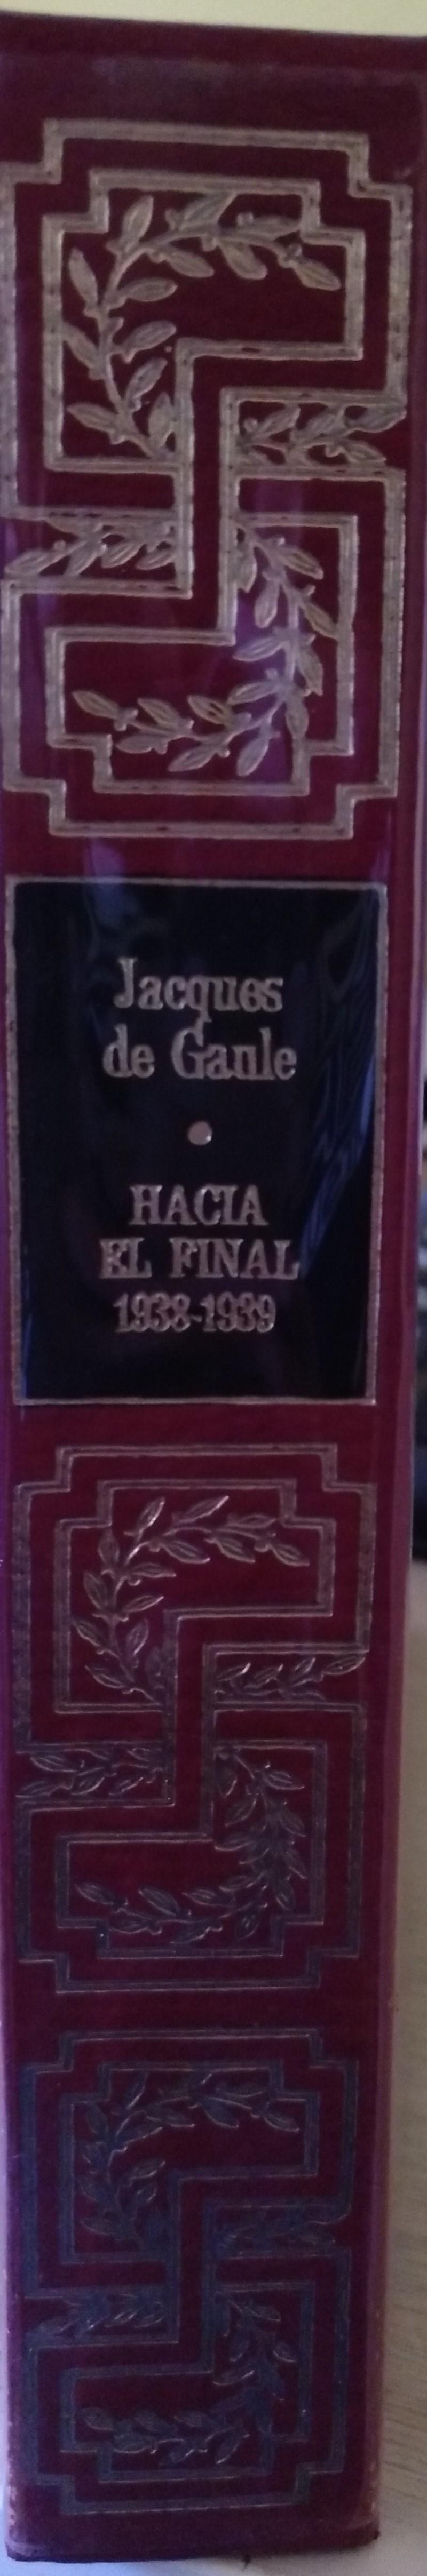 HACIA EL FINAL. - GAULE, Jacques de.